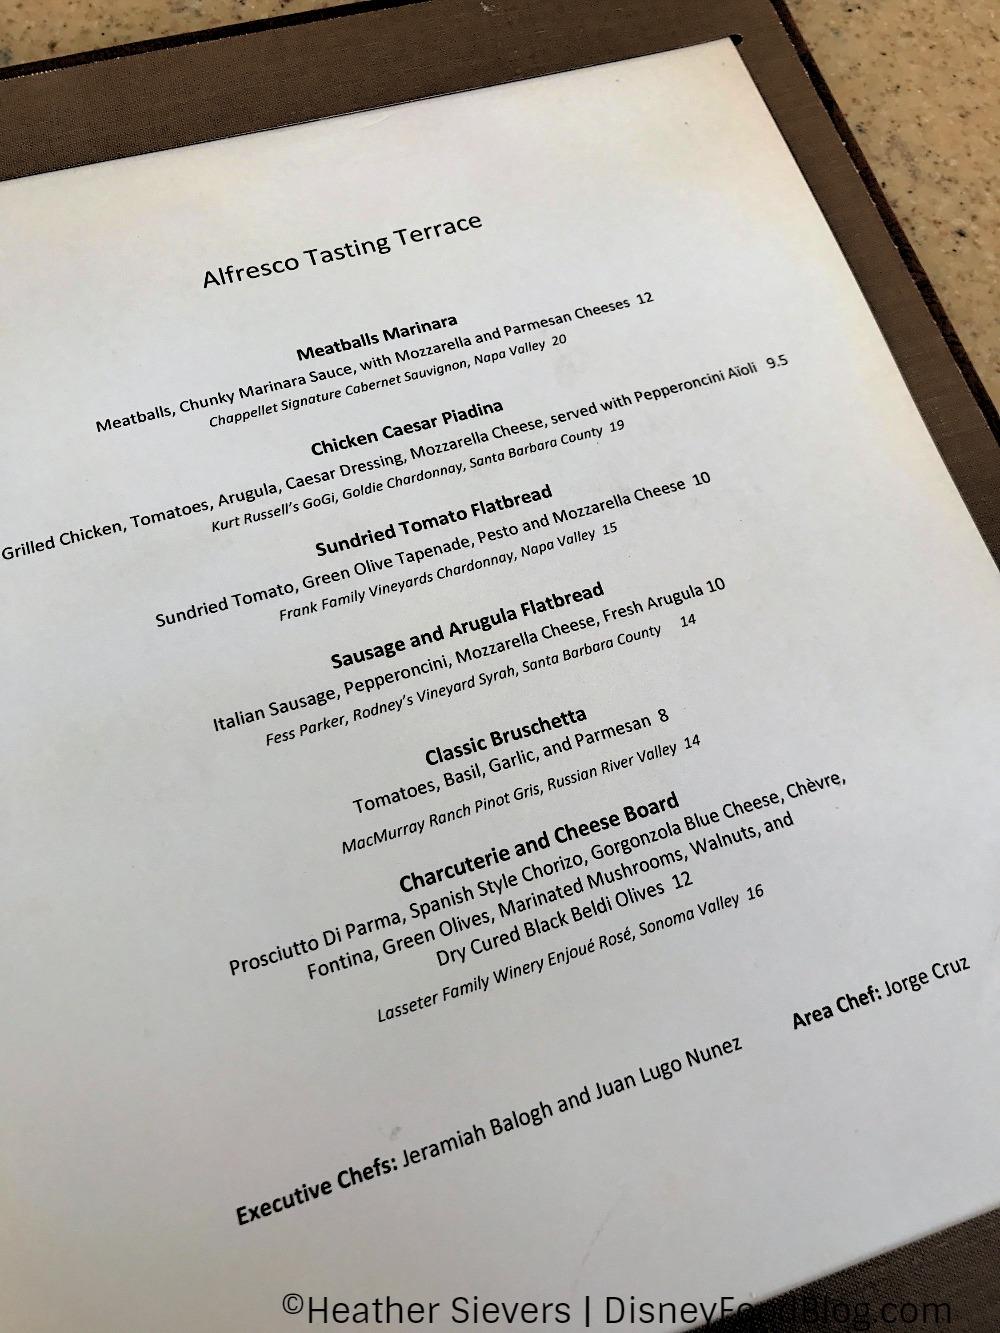 Updated menu at alfresco tasting terrace in disney for Terrace restaurant menu